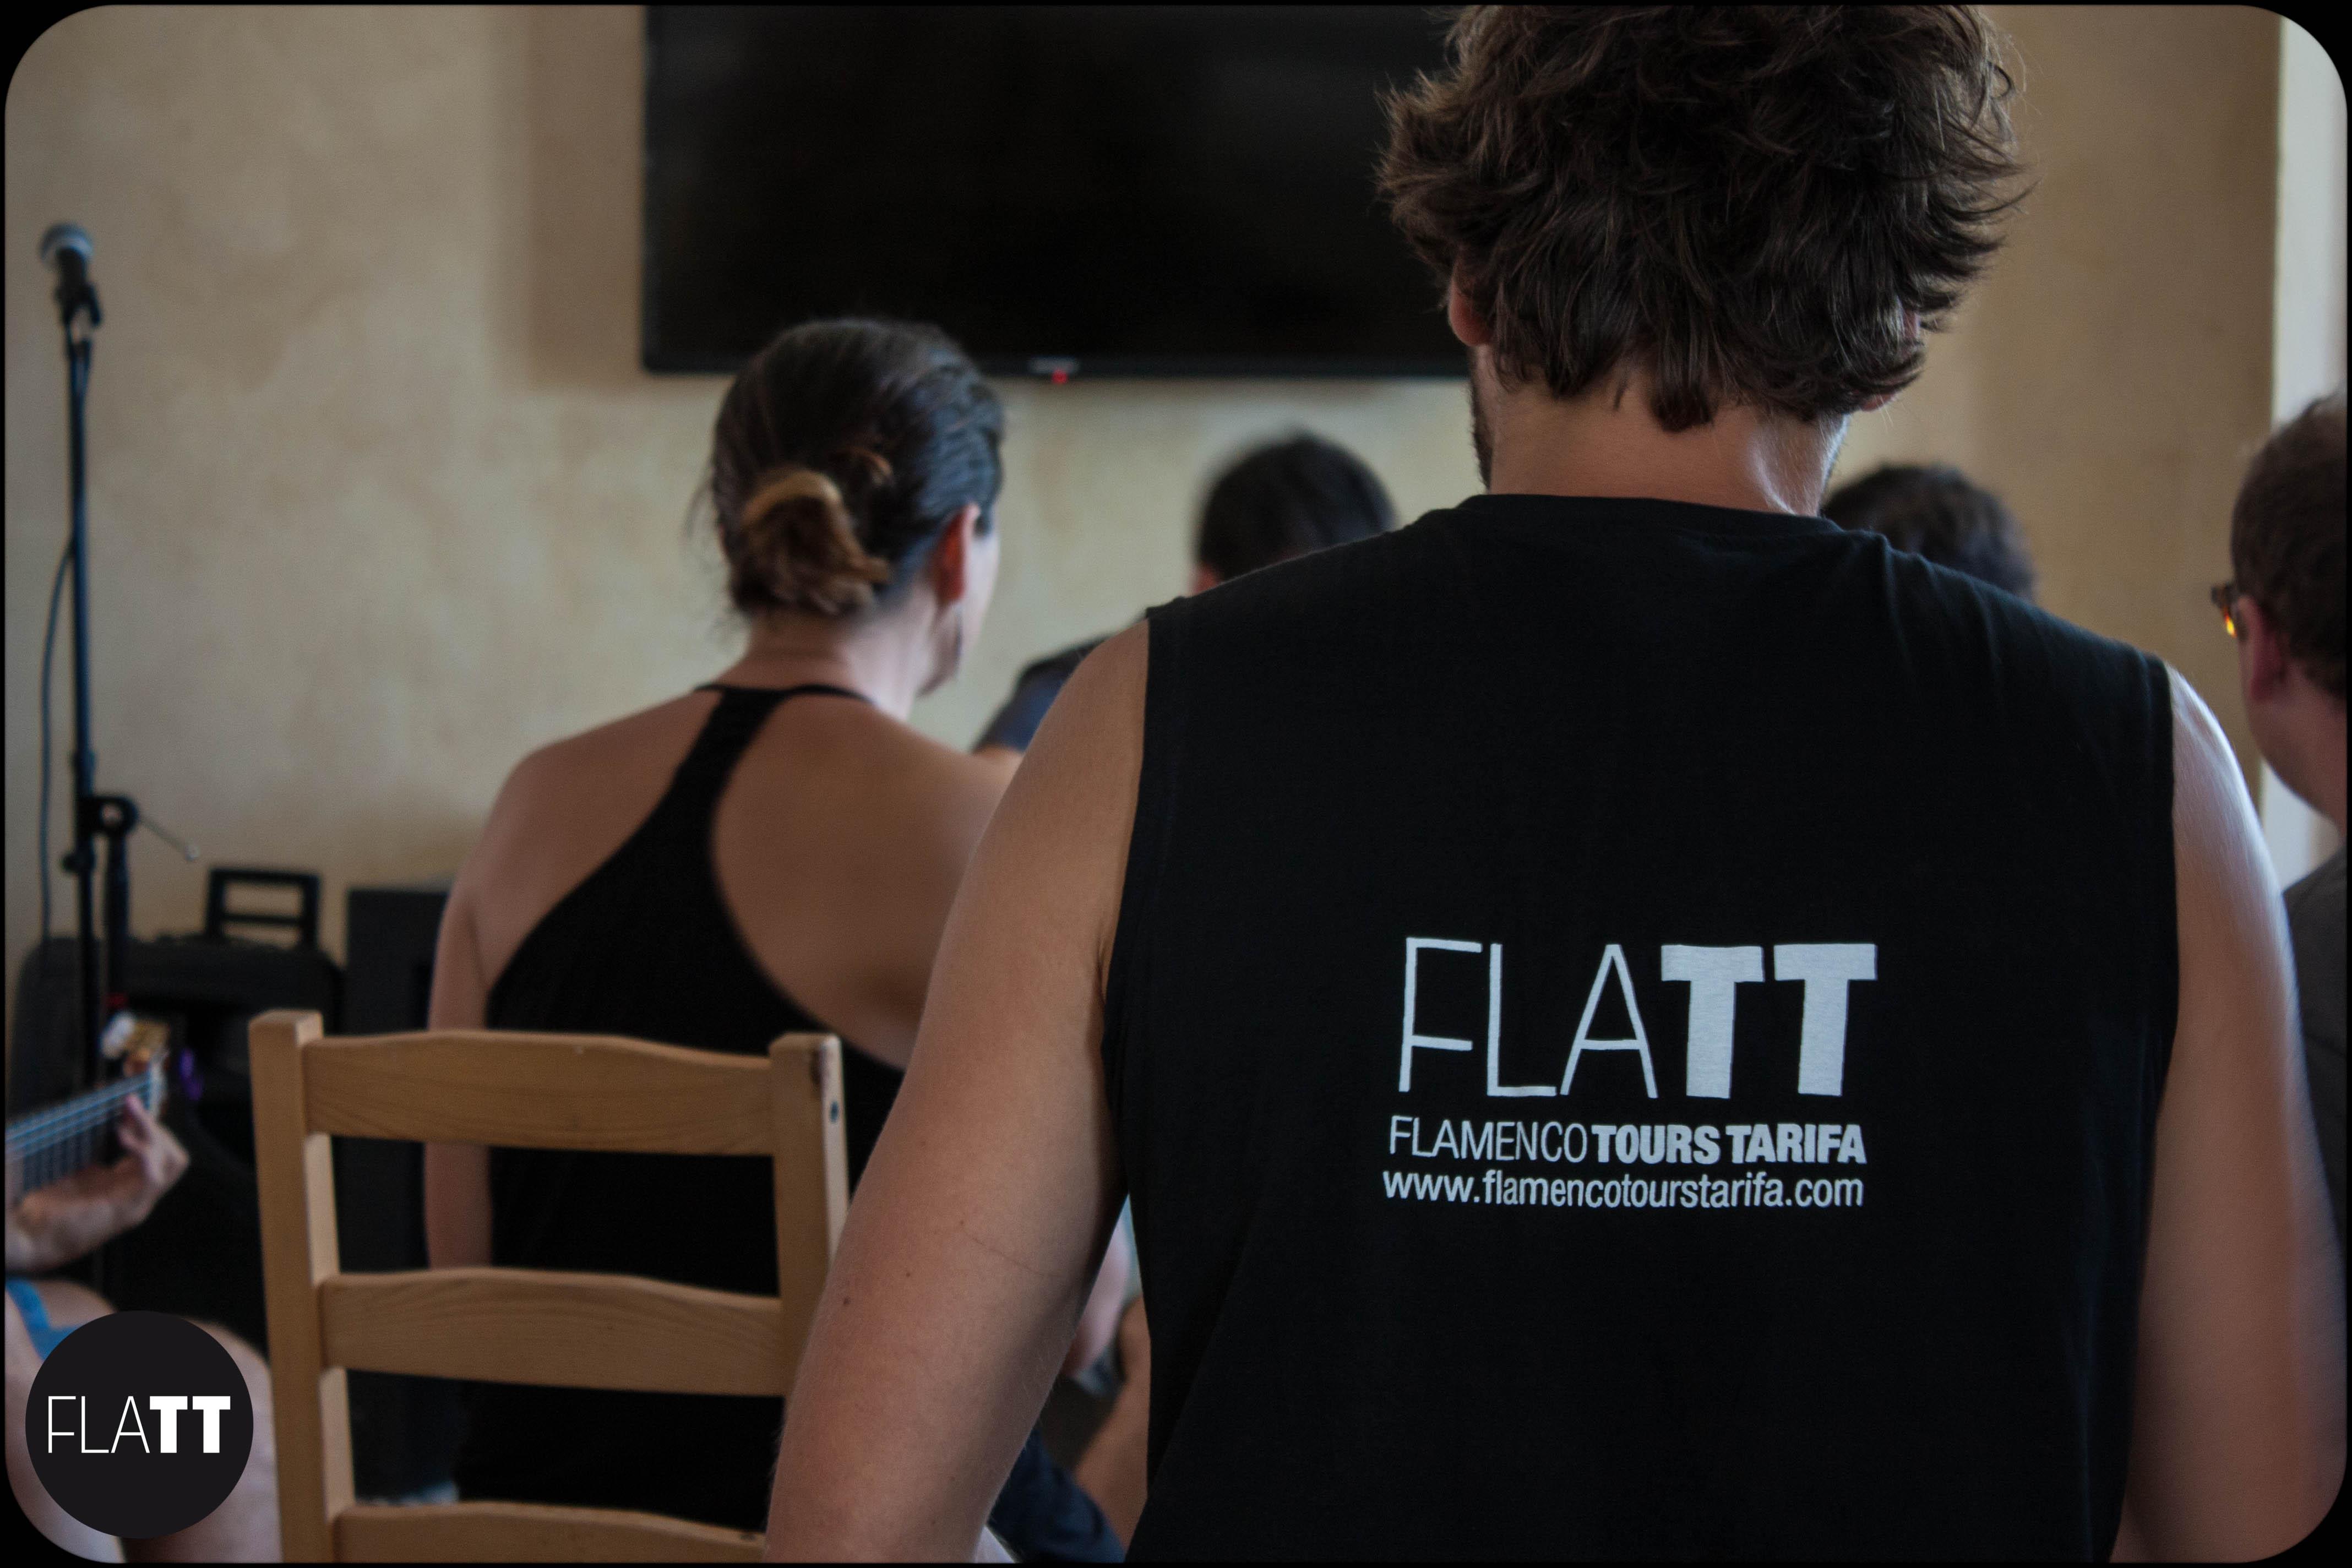 FLATT